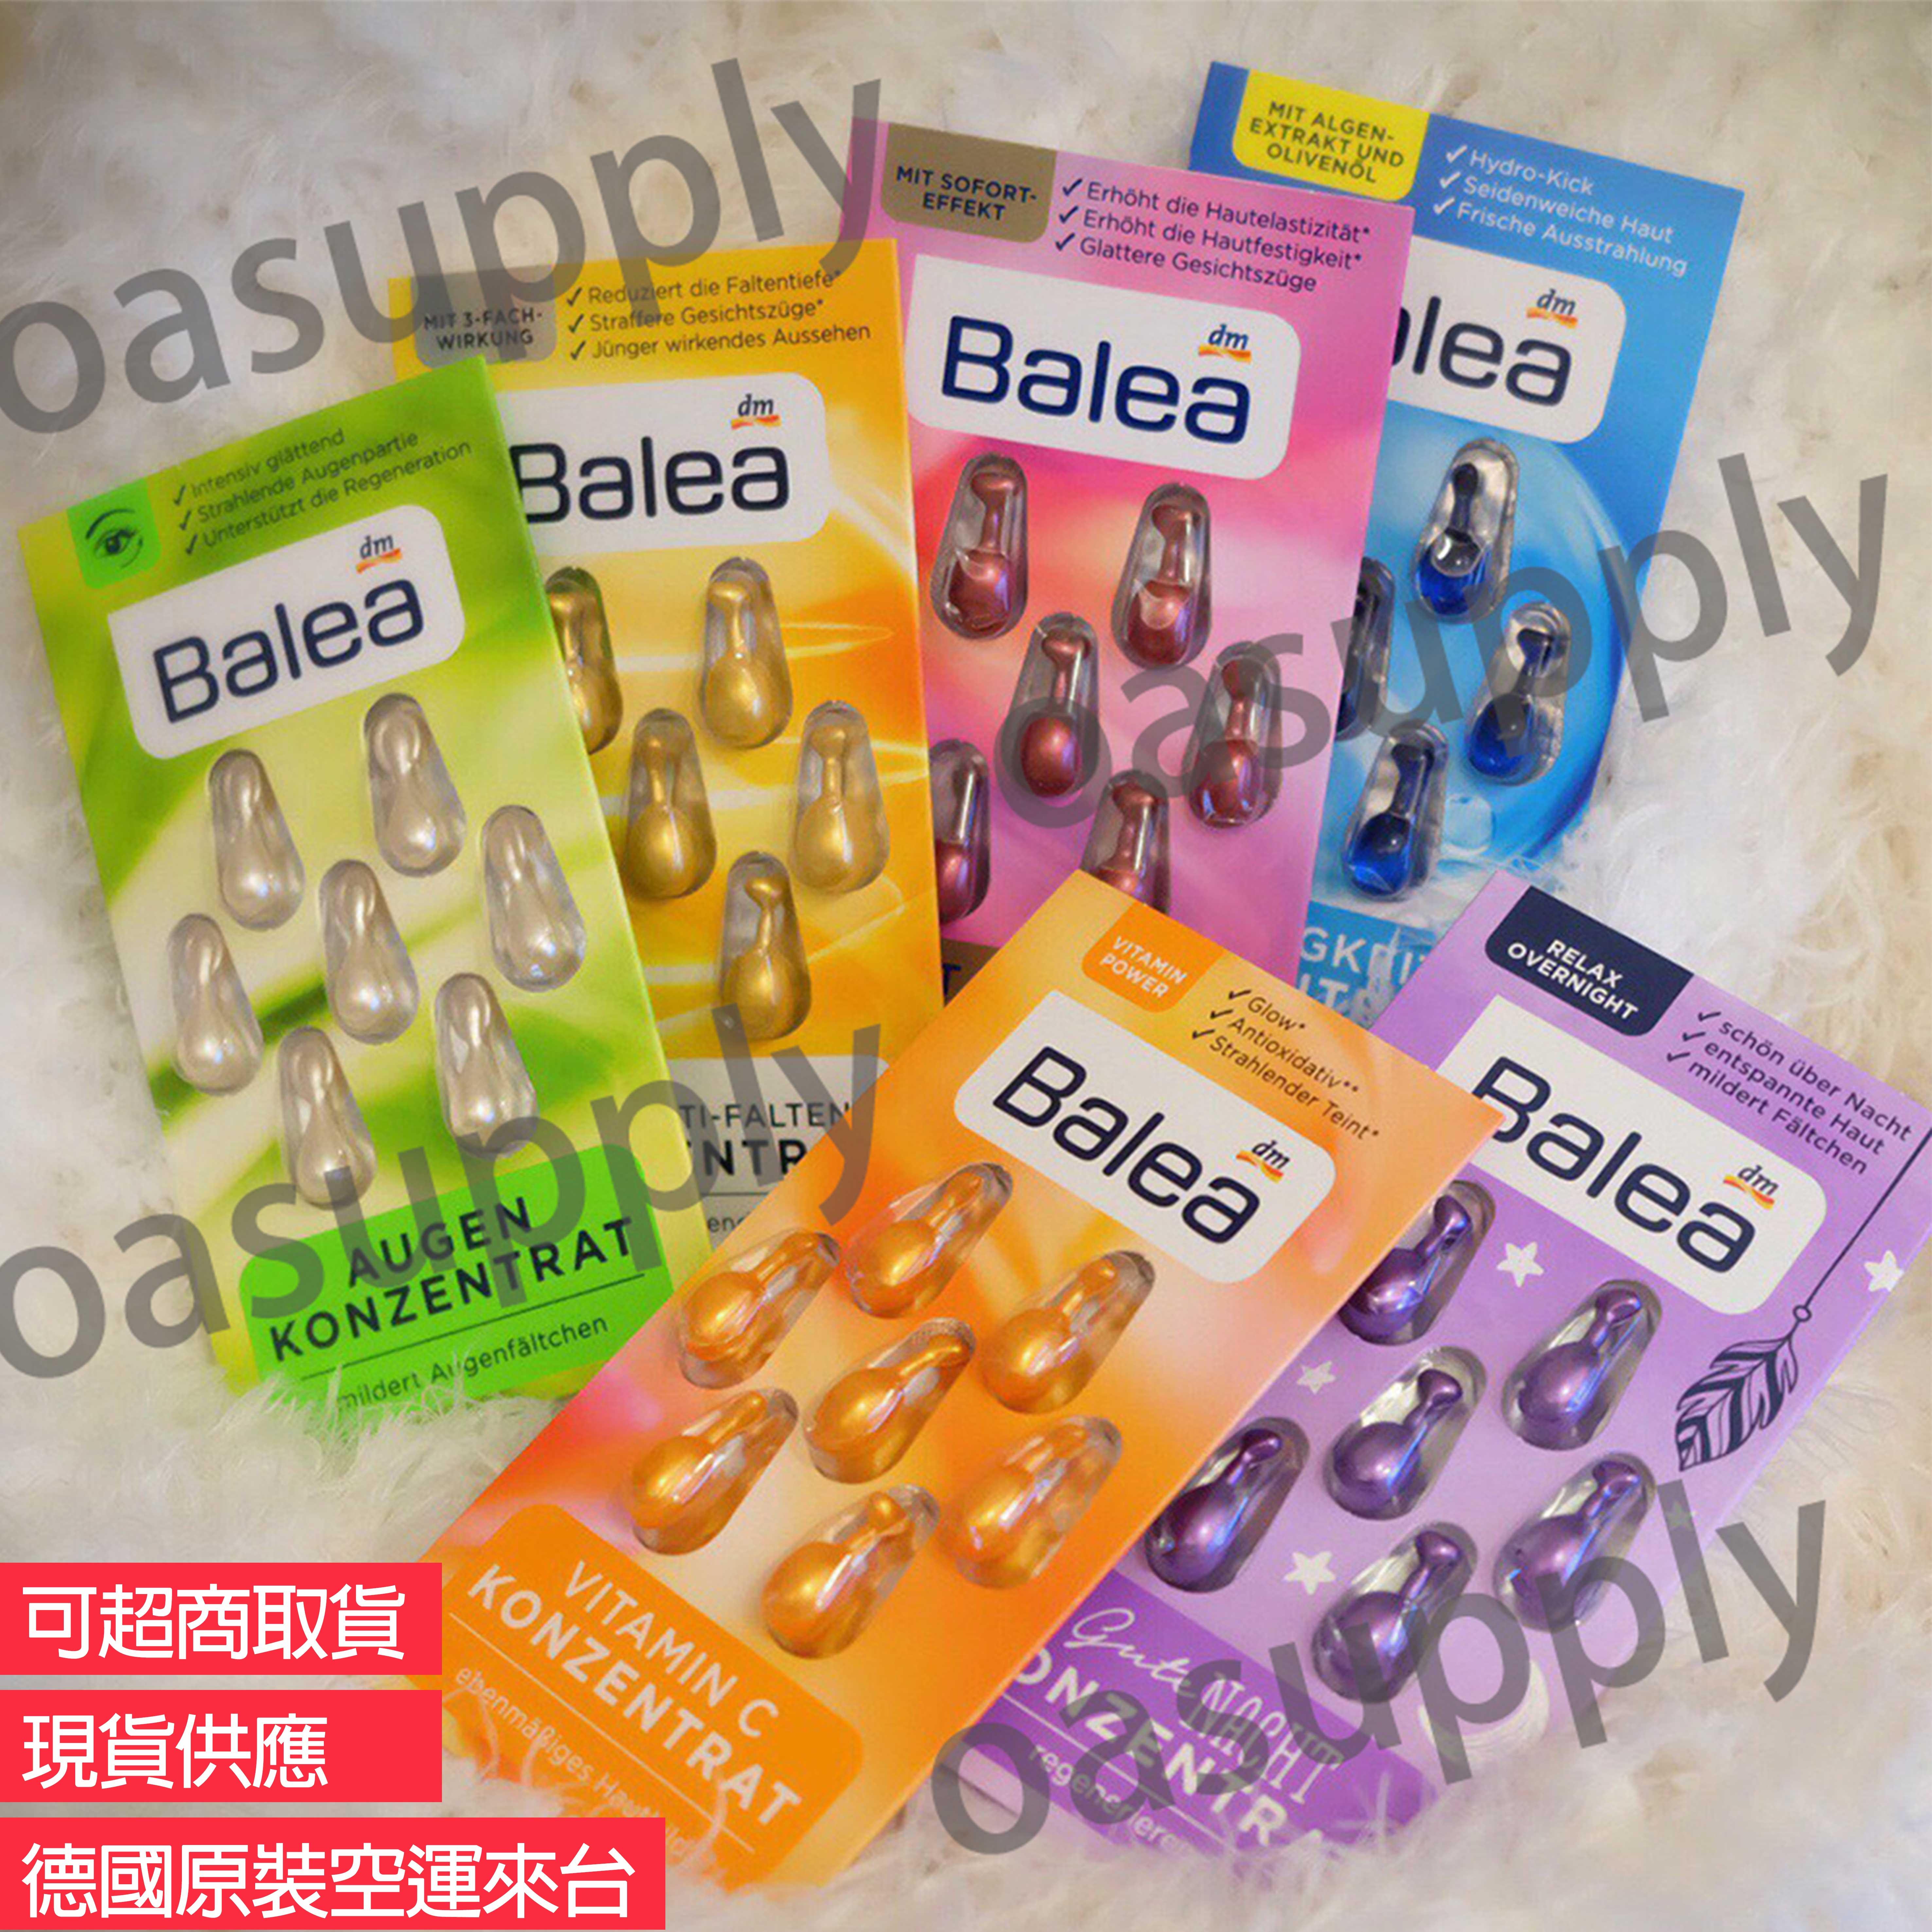 德國原裝 Balea 精華素膠囊(7粒裝)*任選5件出貨*